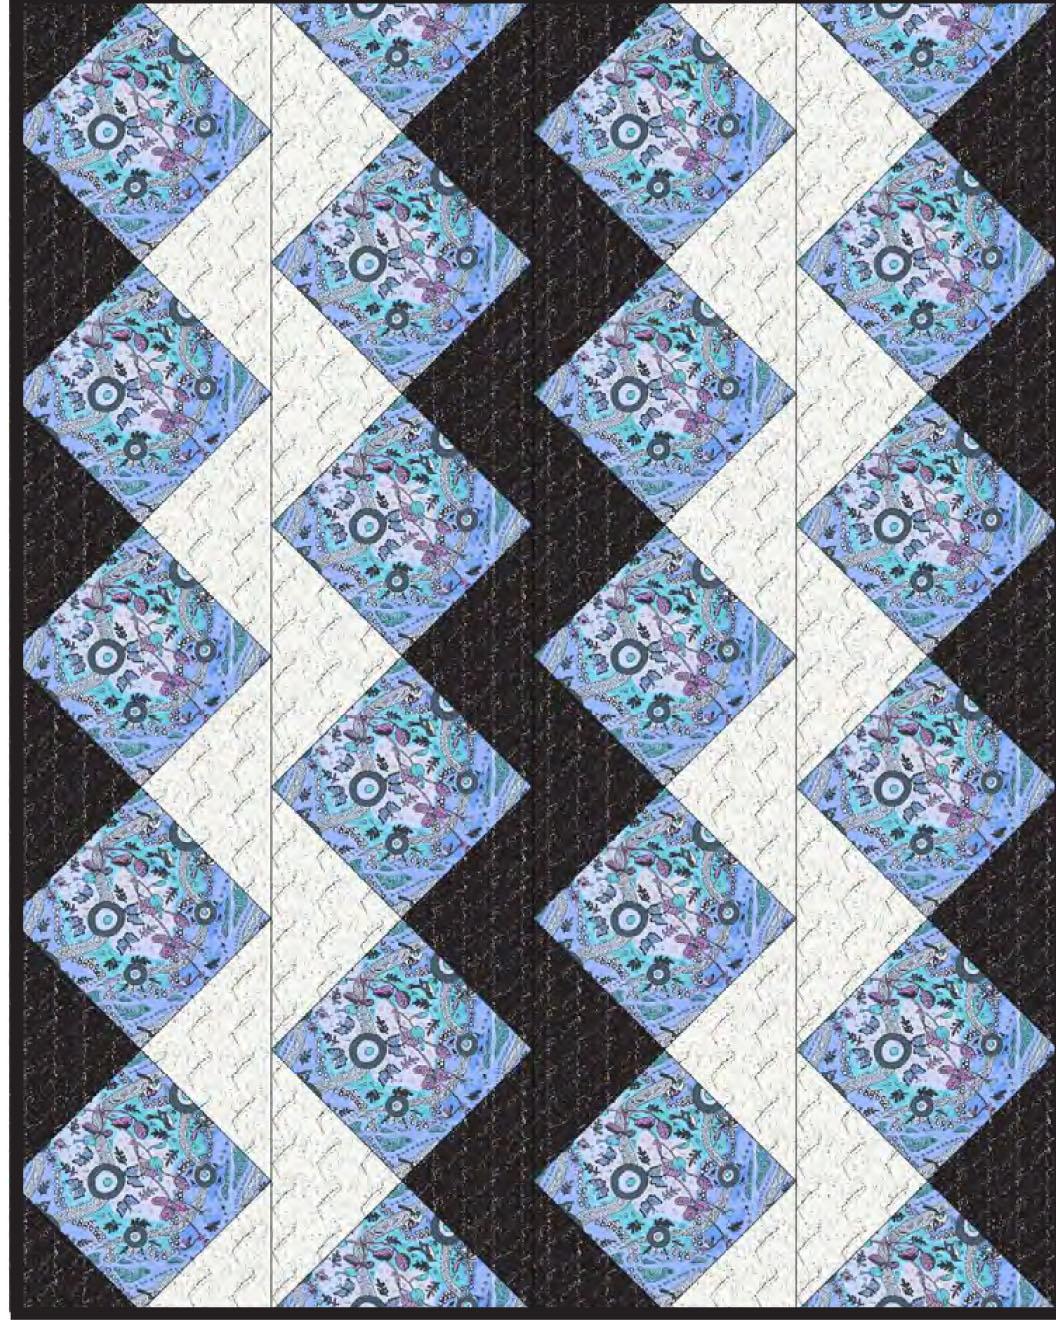 ZigZag Set Lap Quilt by A Henry - M & S TEXTILES AUSTRALIA